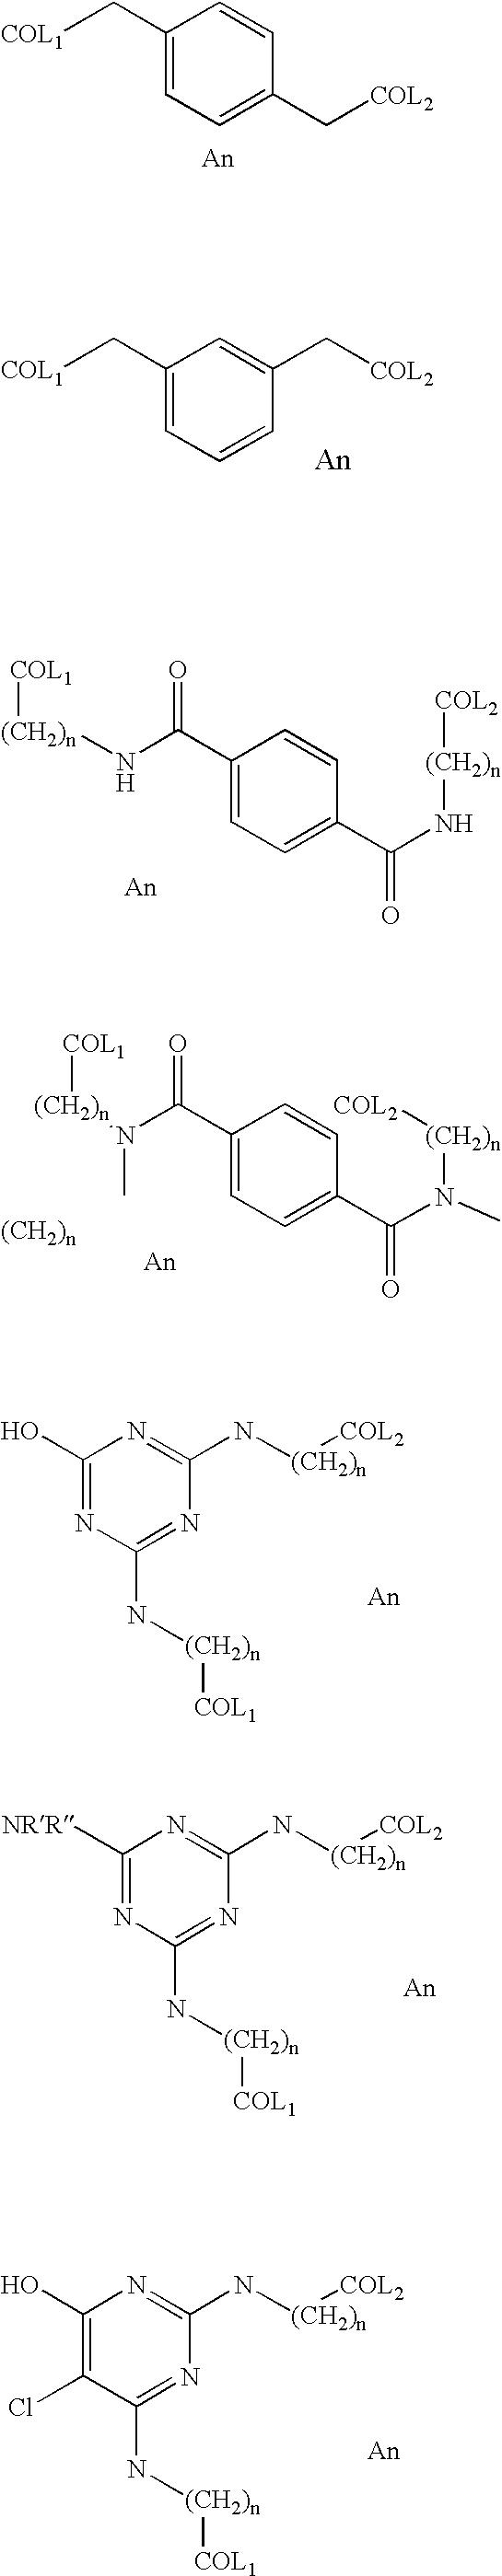 Figure US07201779-20070410-C00001